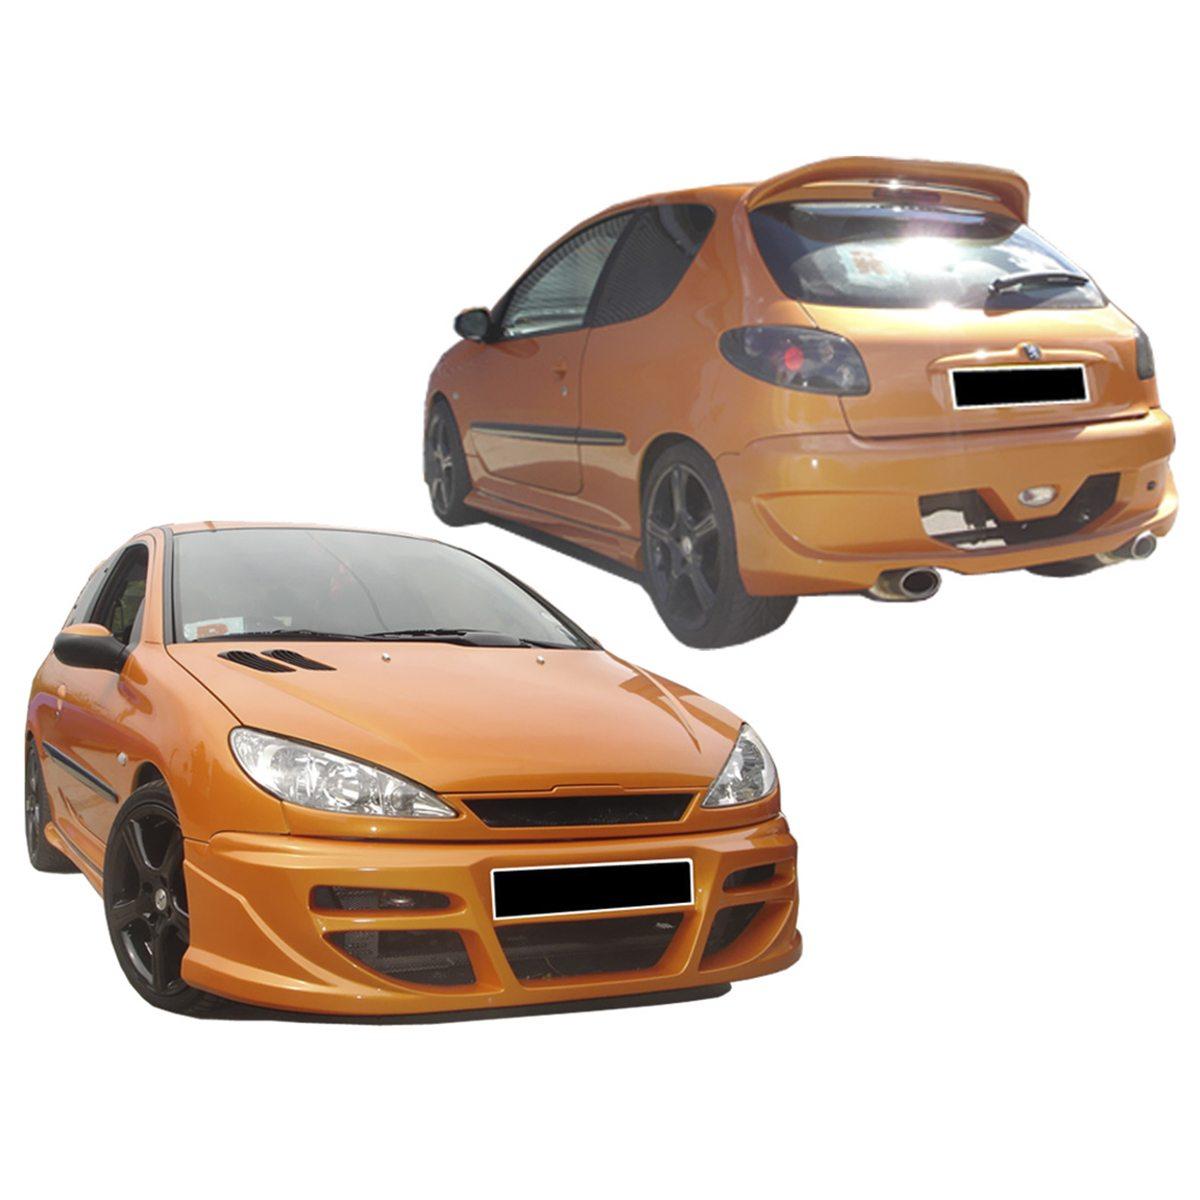 Peugeot-206-Superior-KIT-KTN019